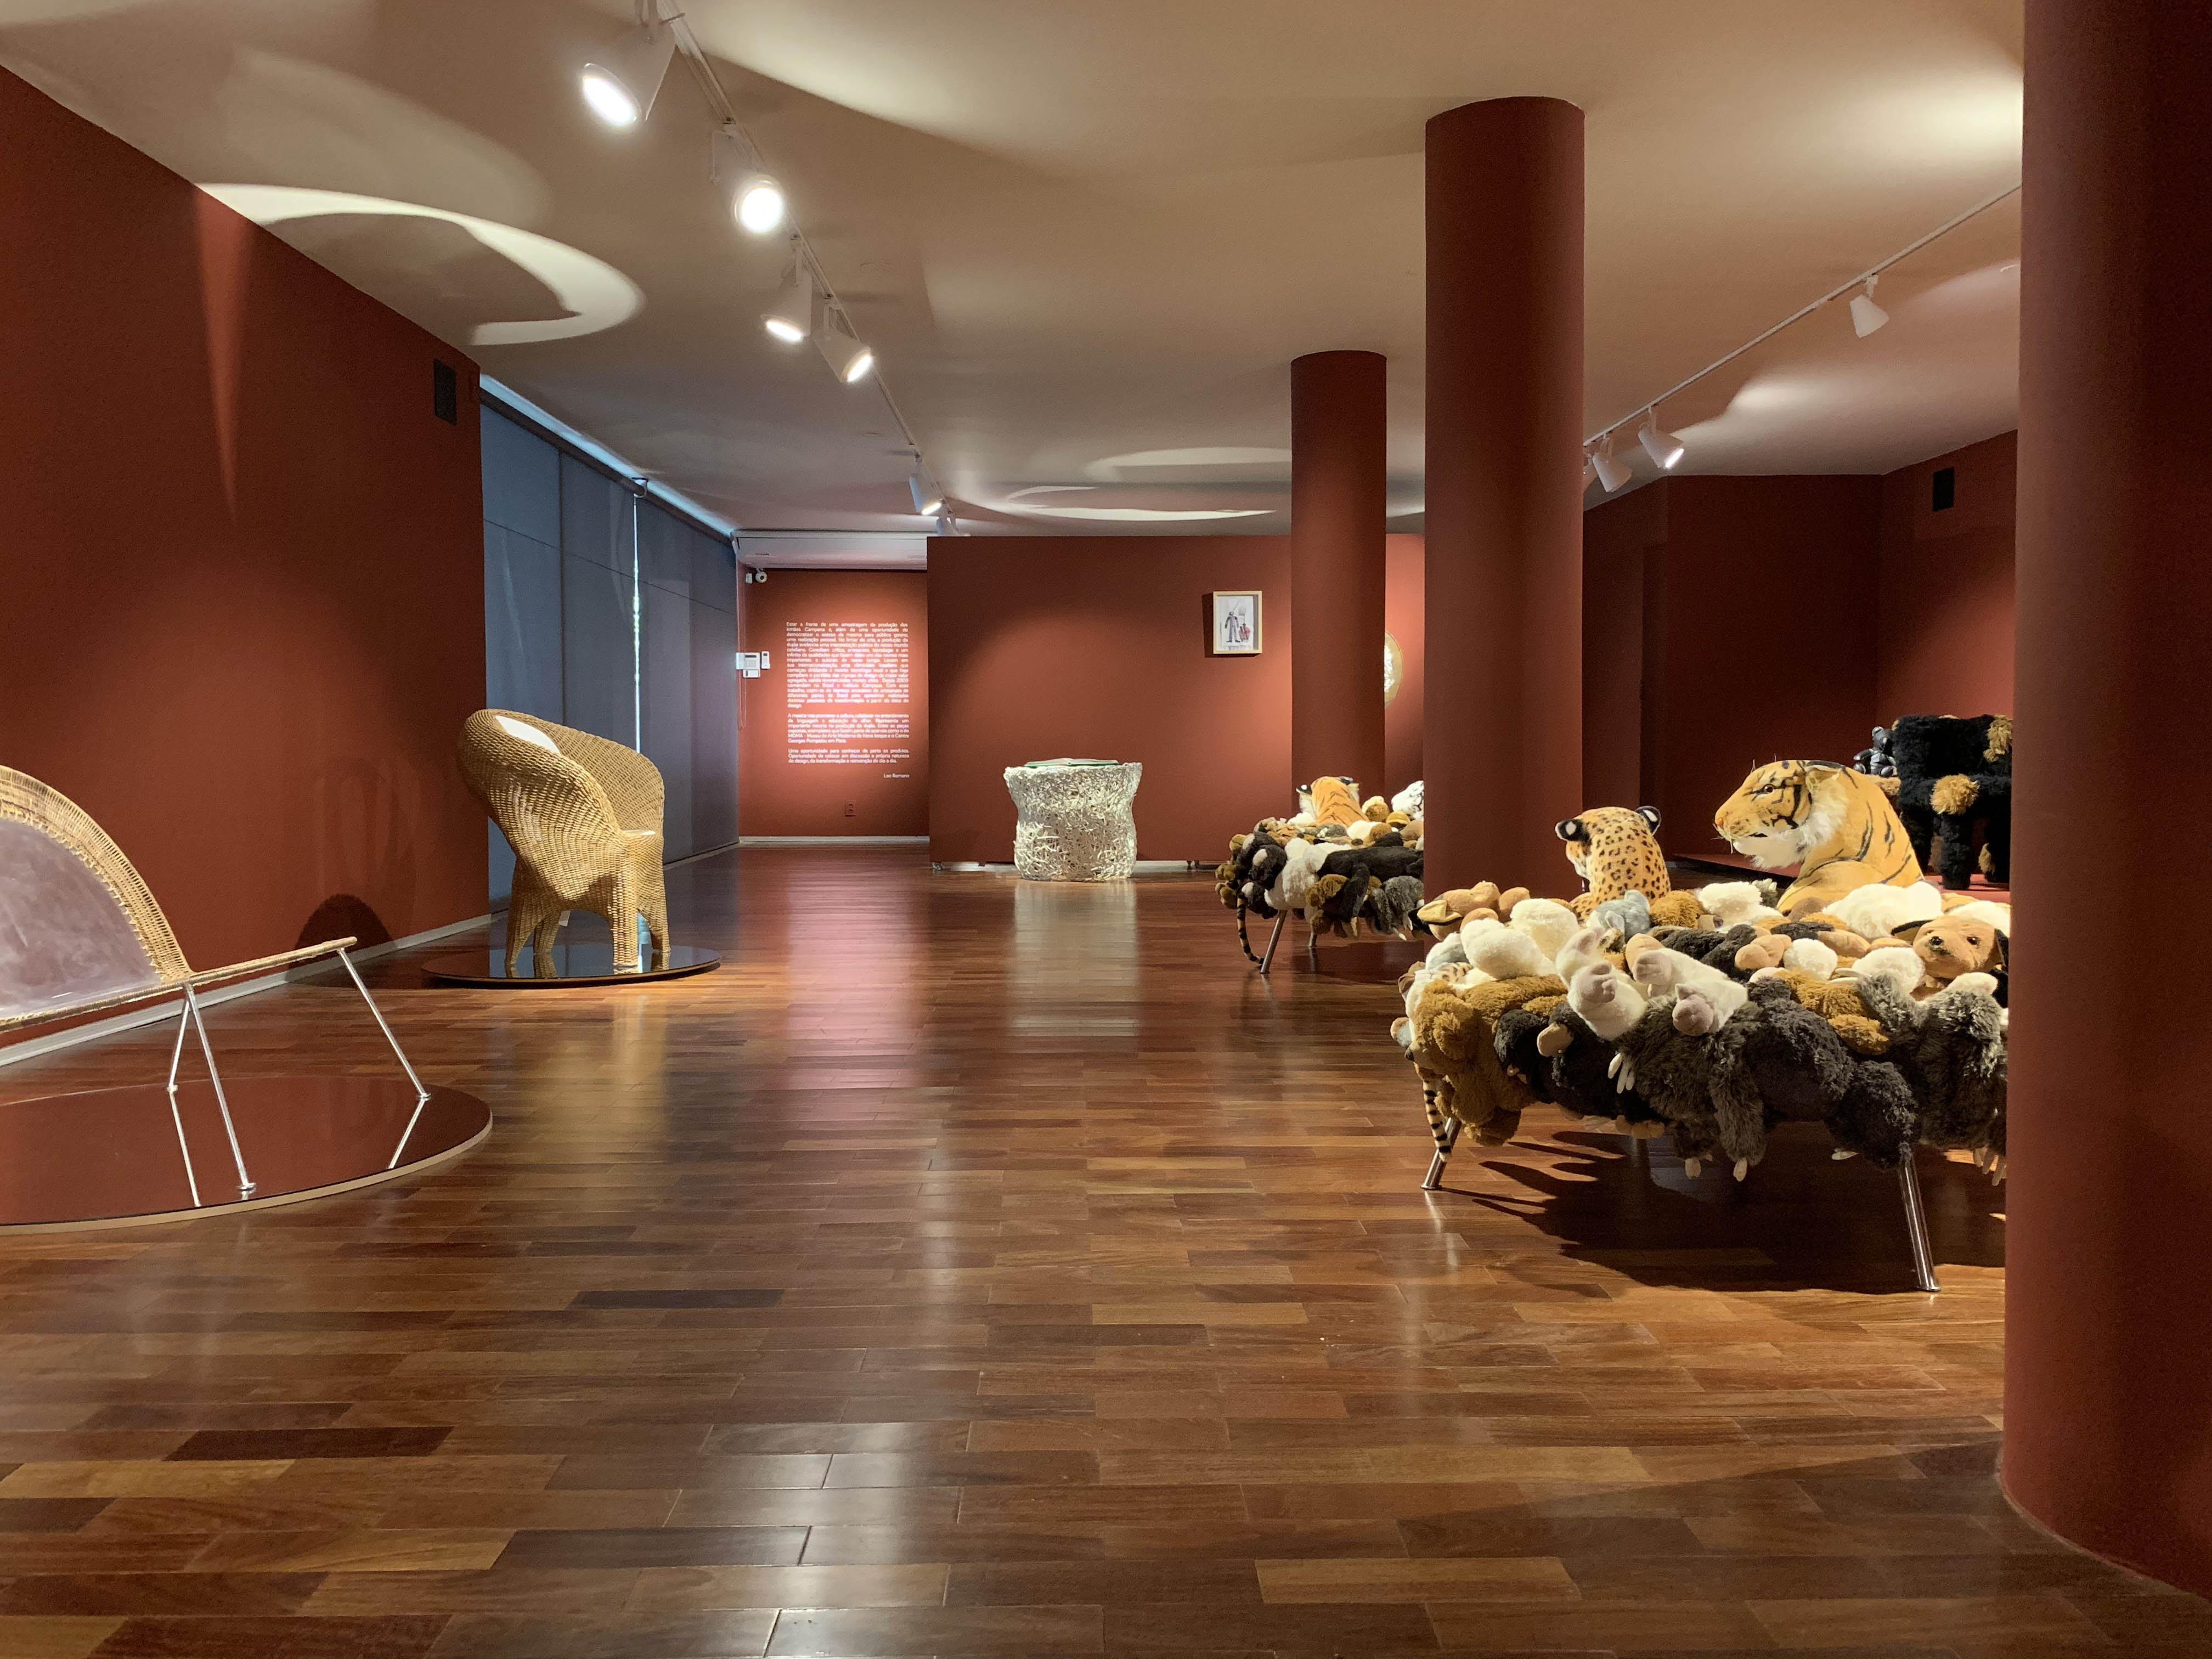 Trajetória dos Irmãos Campana é tema de mostra no Instituto Leo Romano, em Goiânia